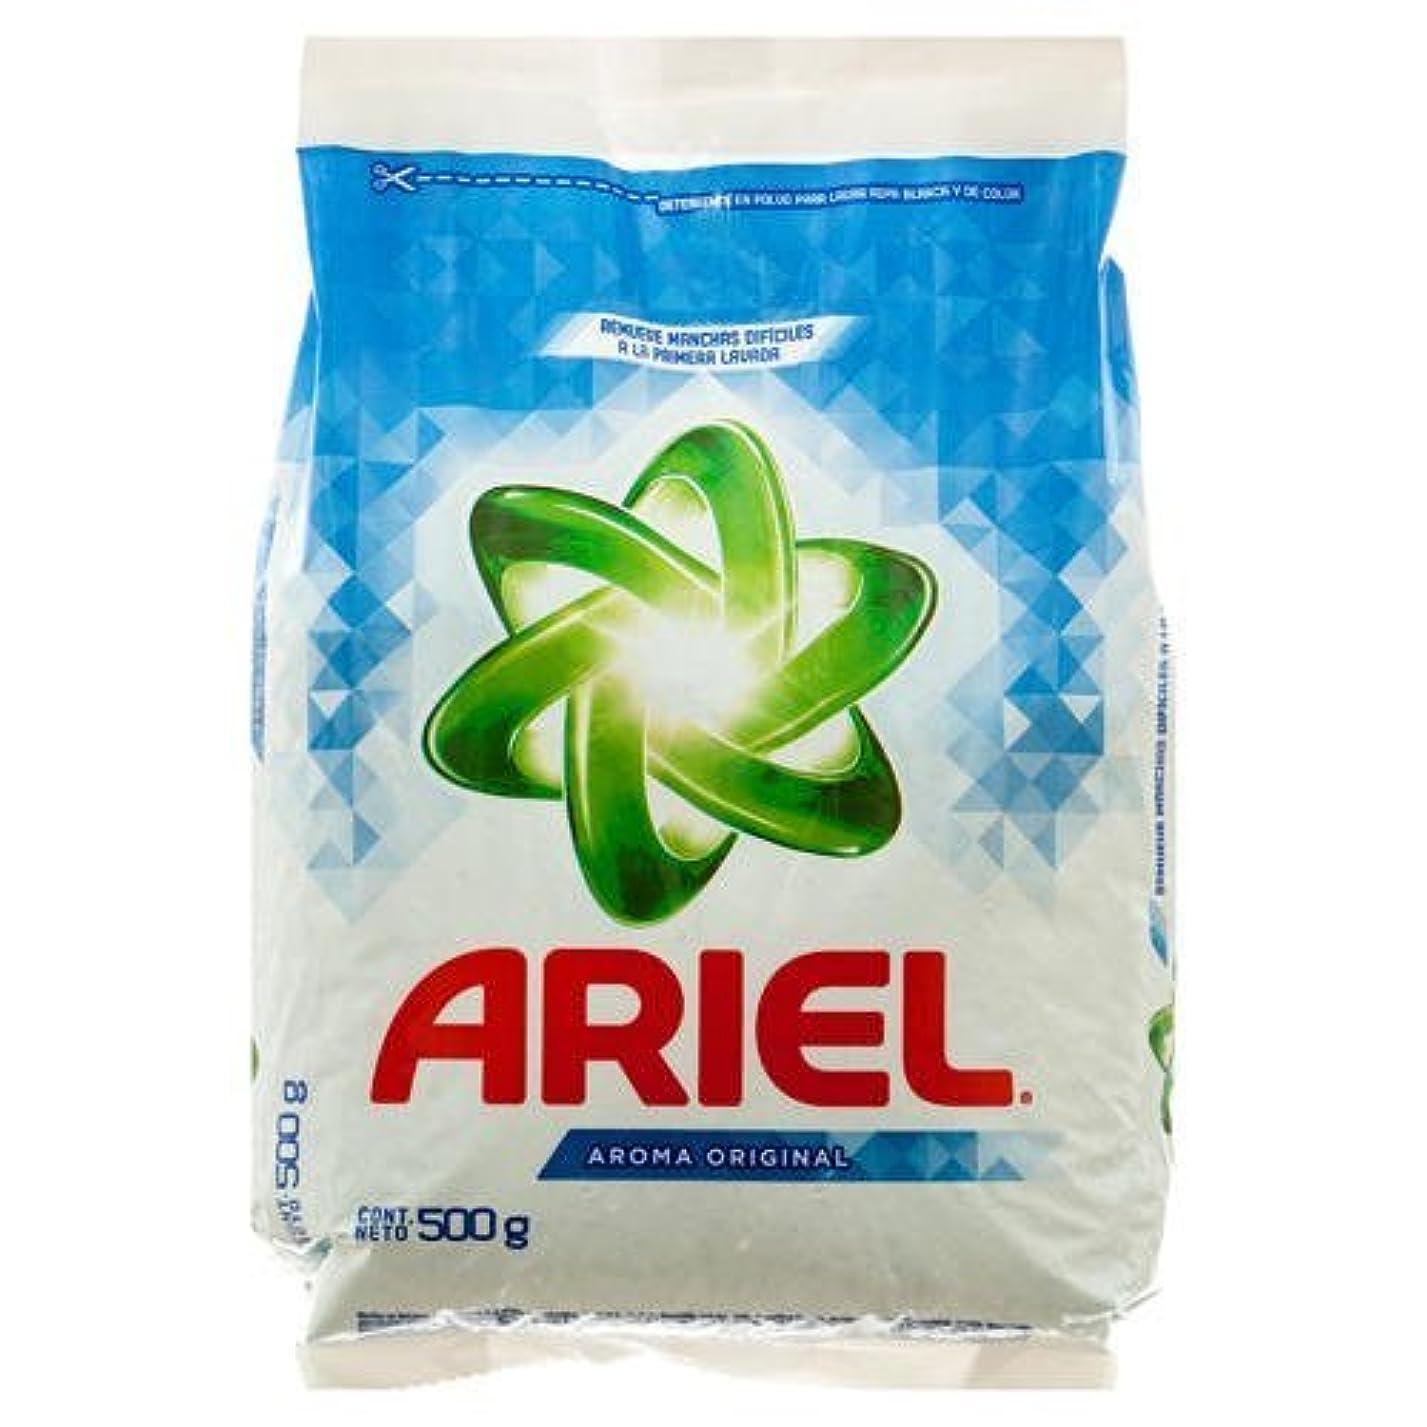 安定しました揮発性雑草アリエルランドリーパウダー洗剤500 gアロマOriginal 3 - Pack